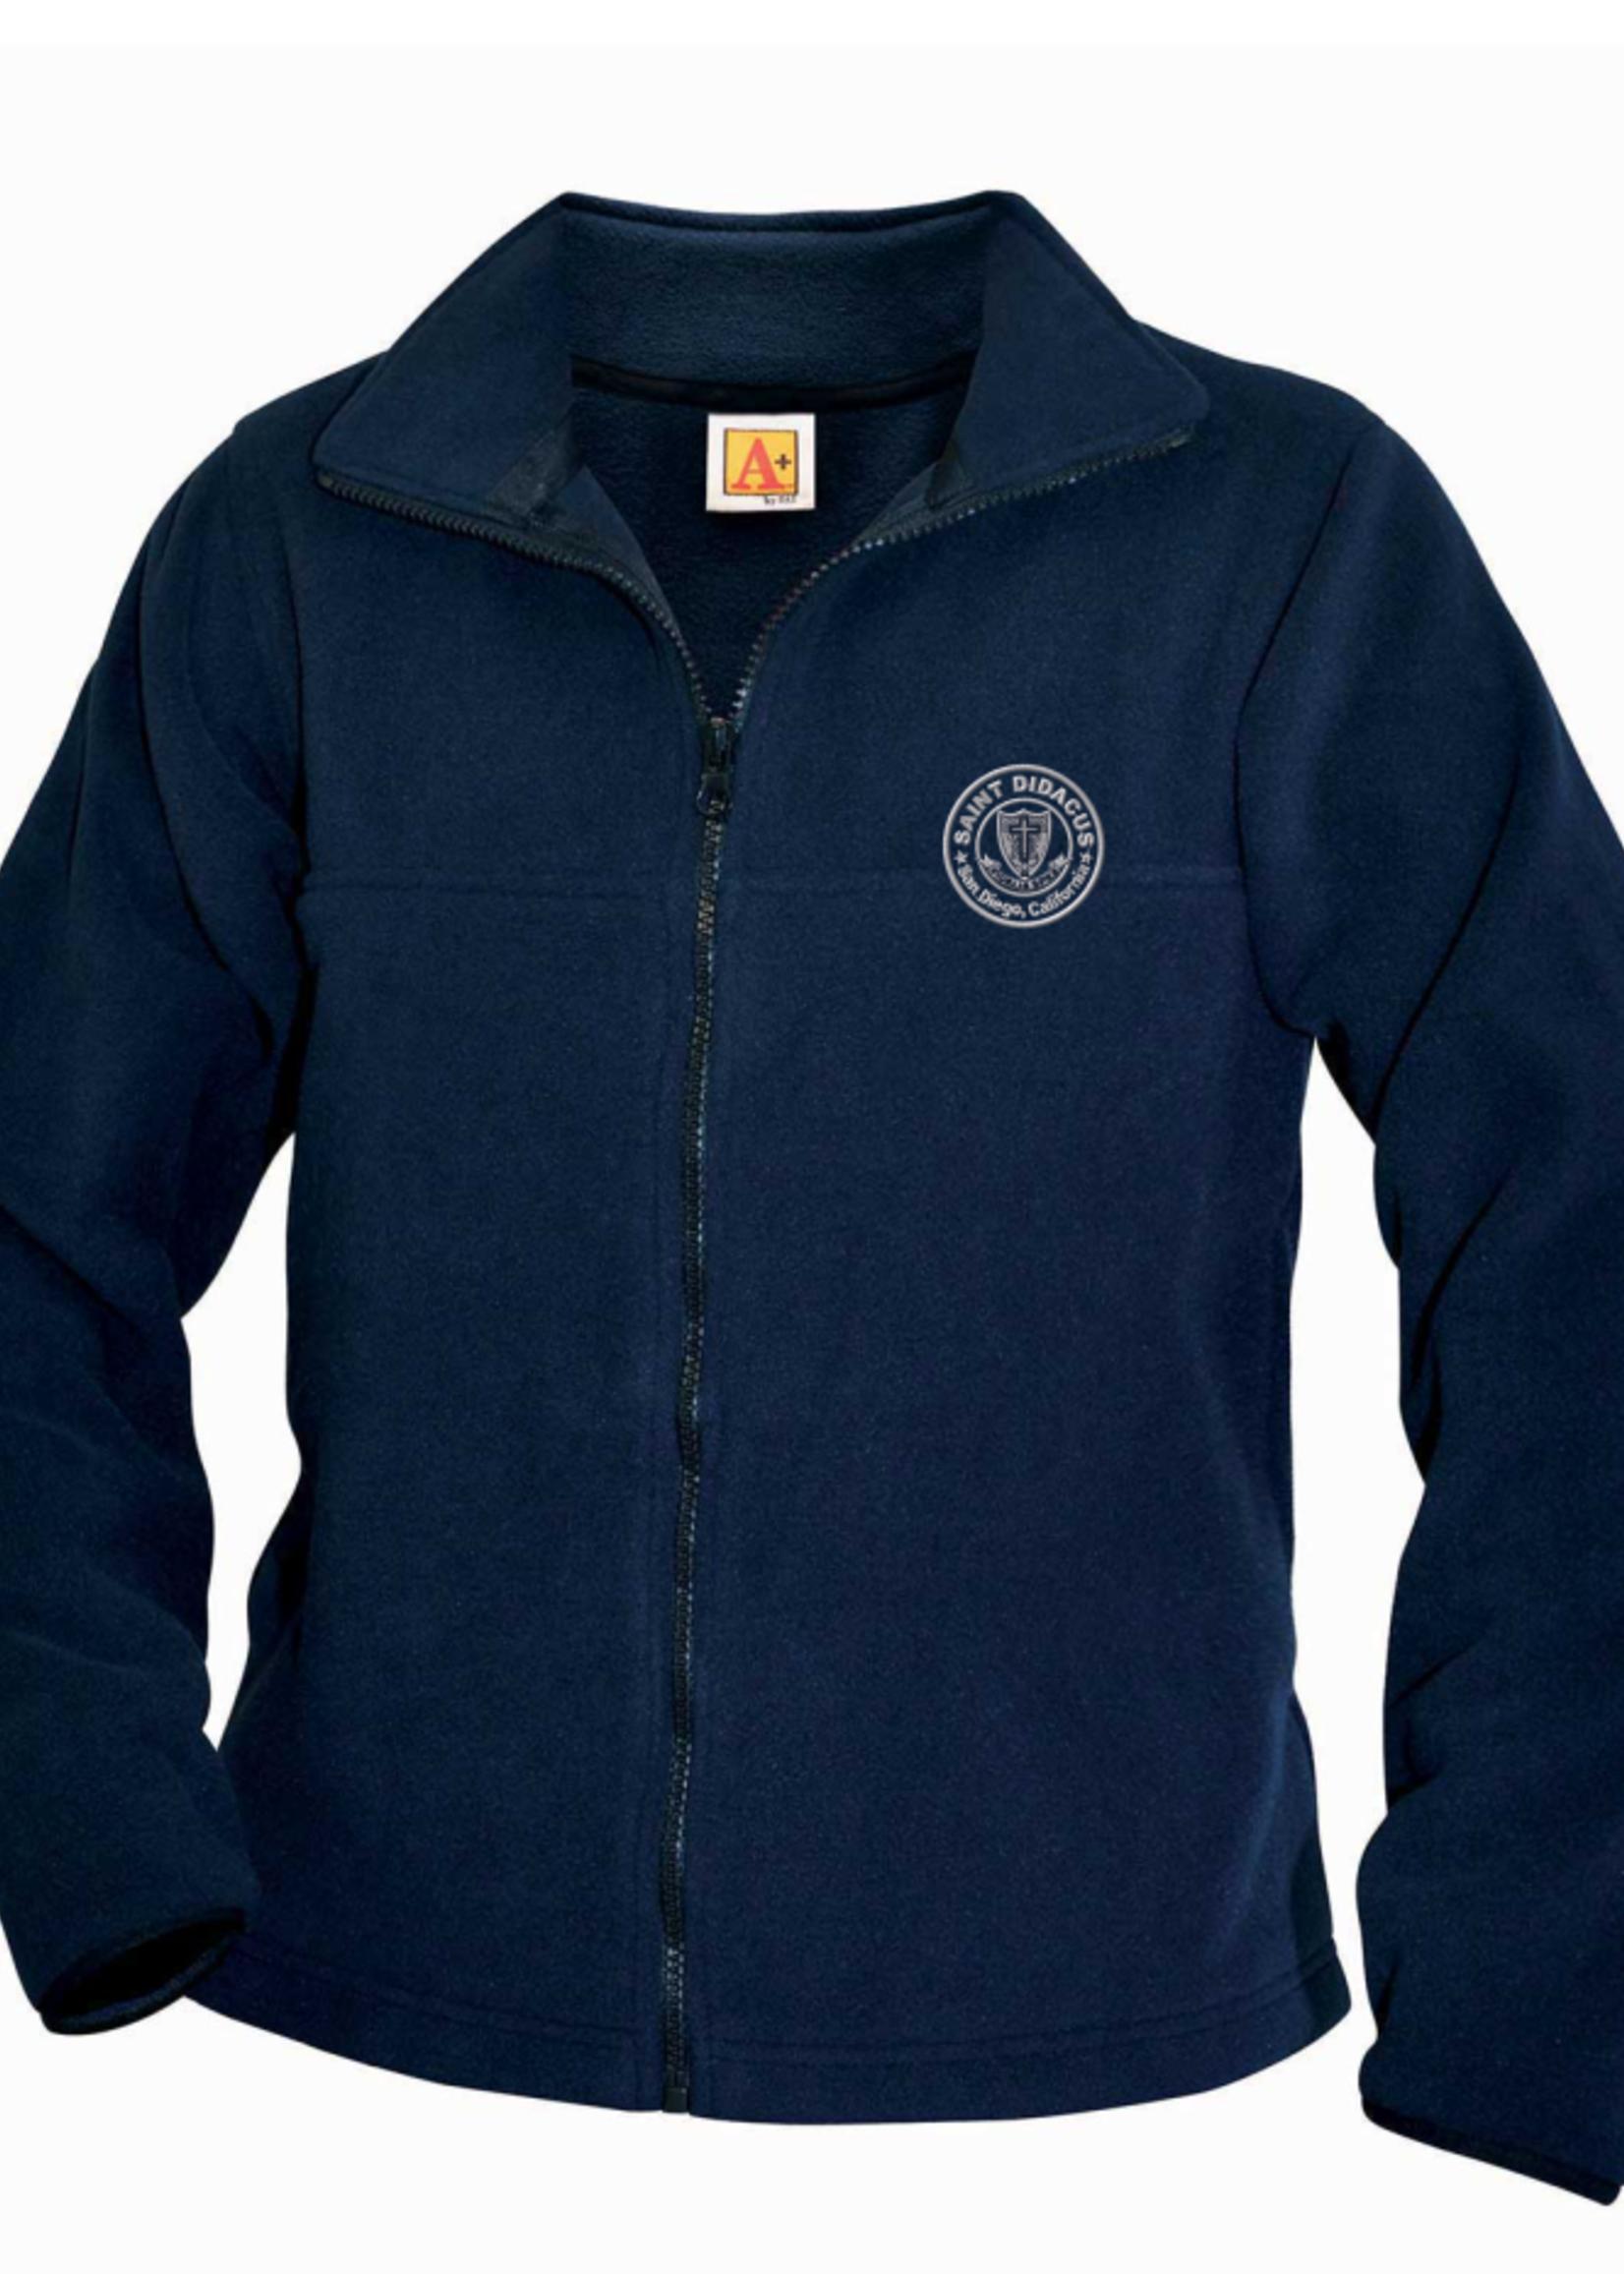 TUS SDPS Navy Fleece Full Zip Jacket